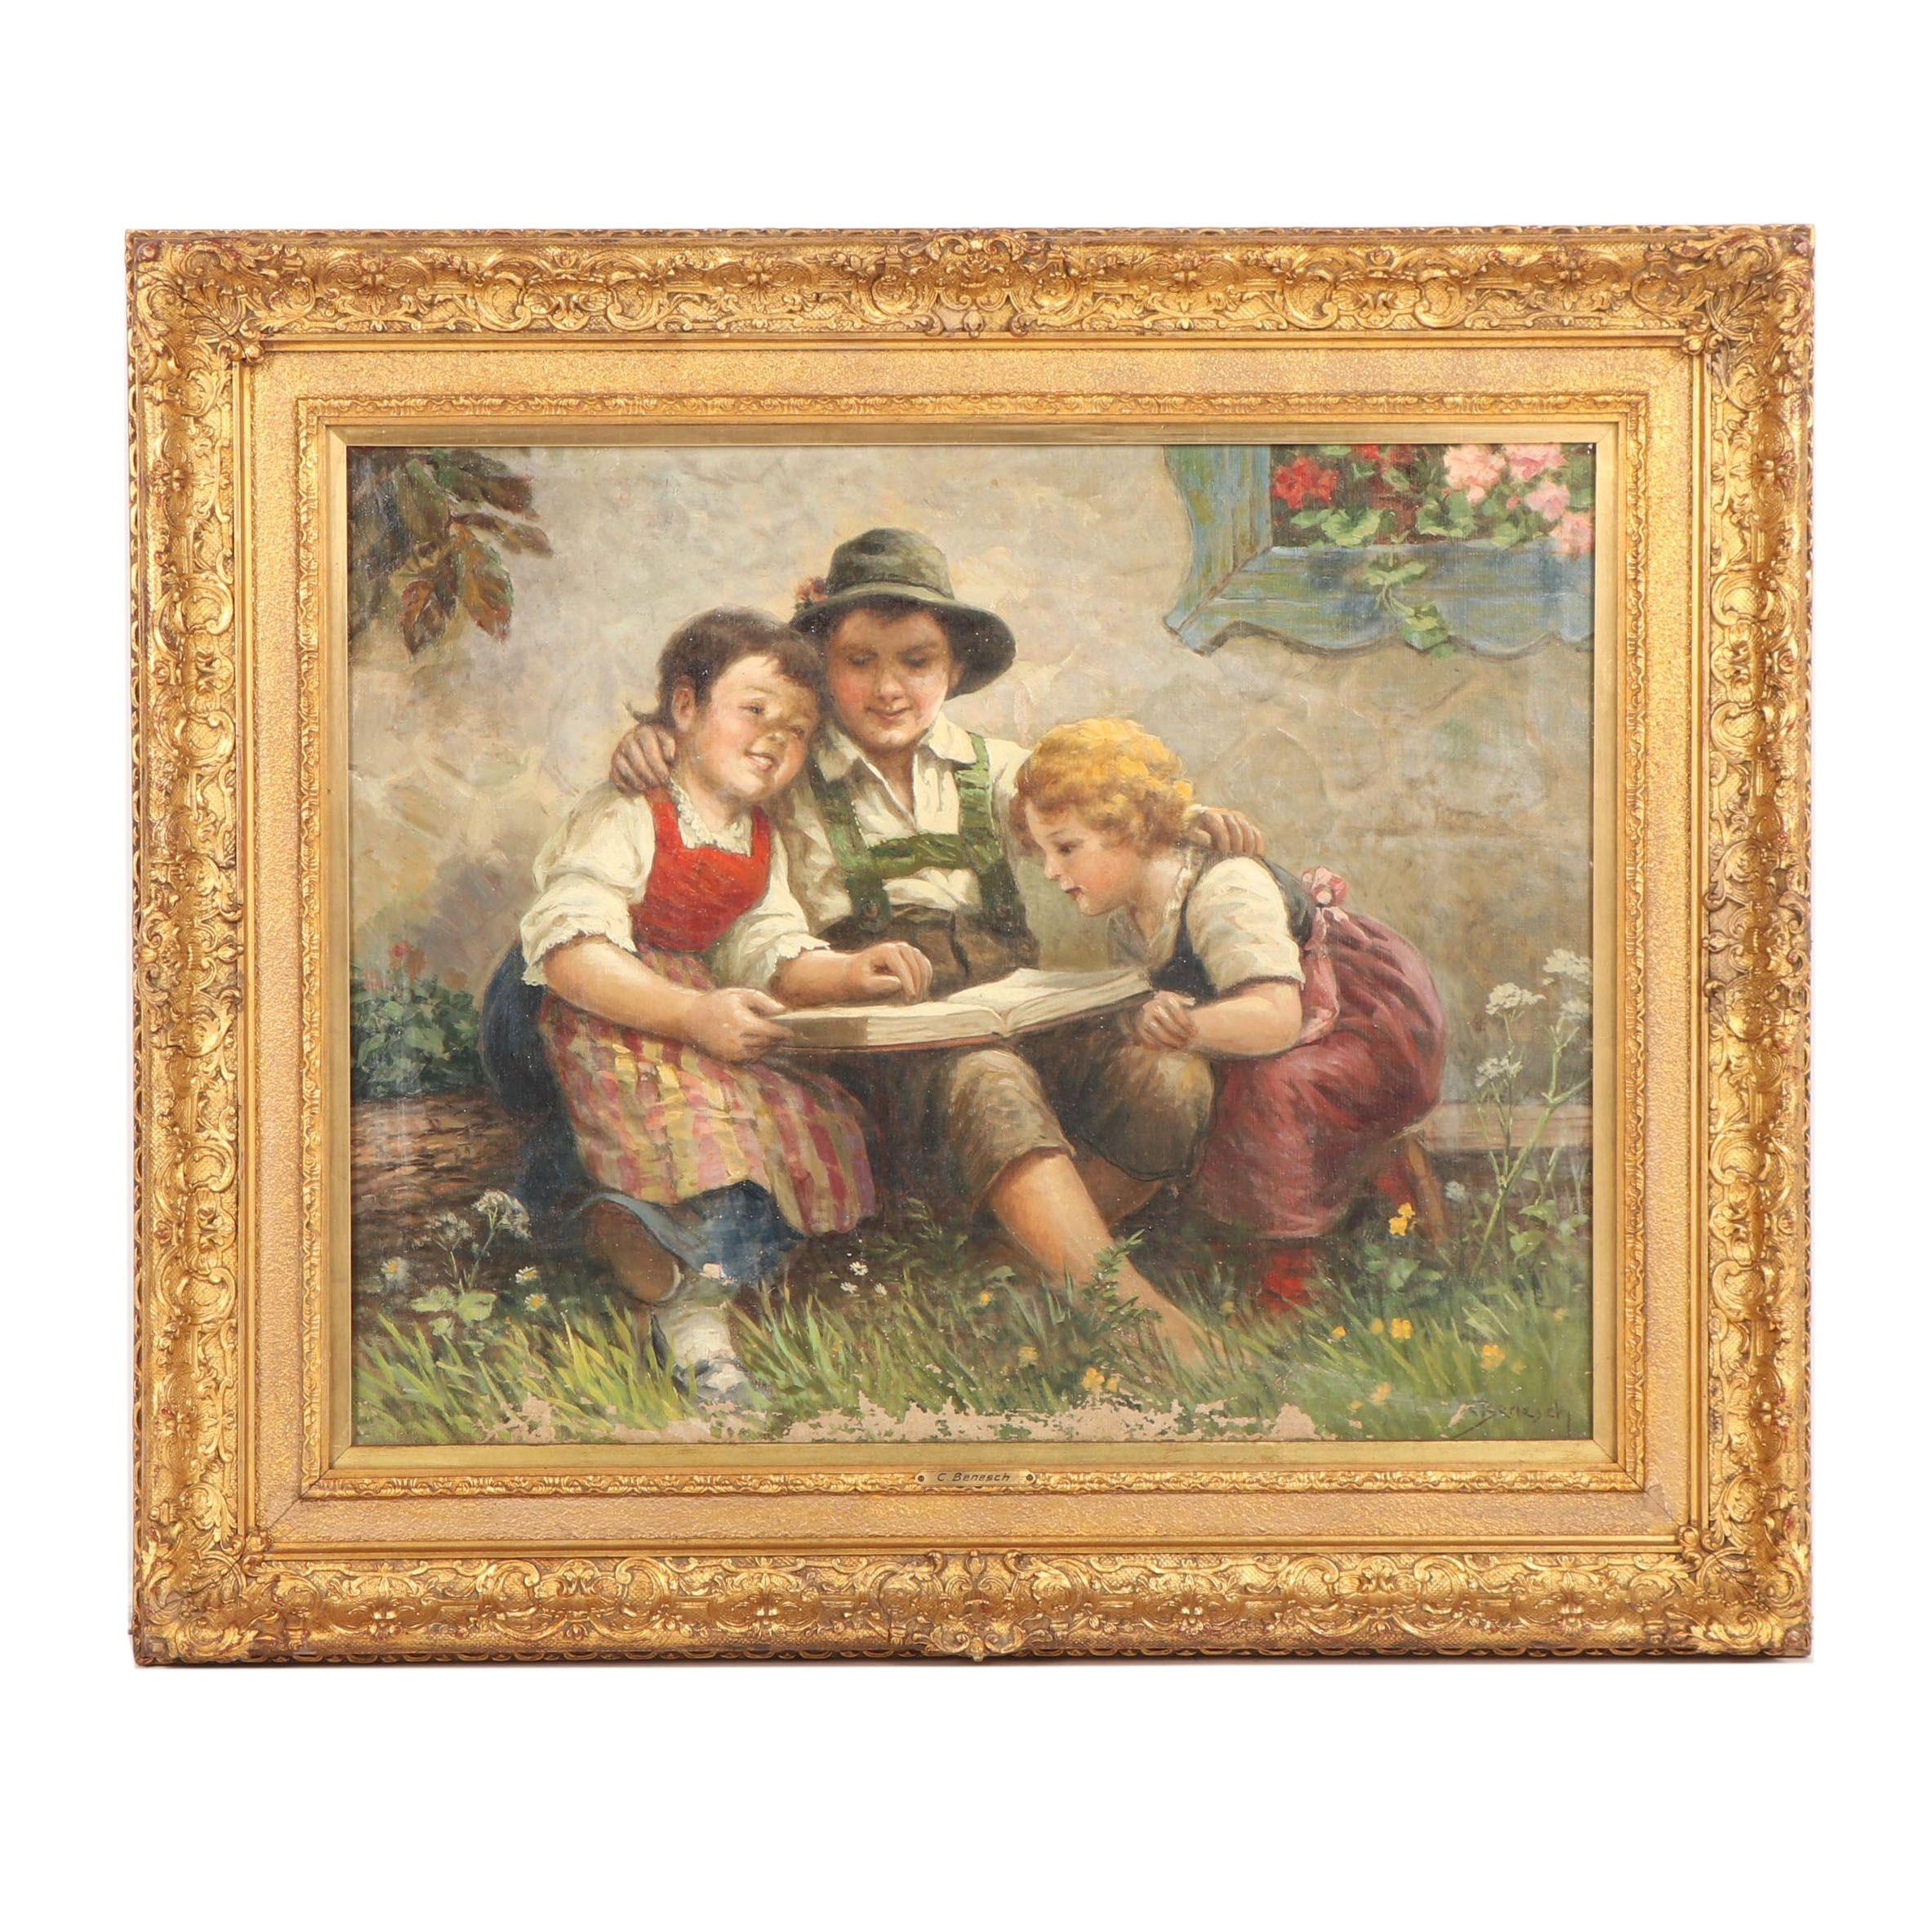 C. Benesch Genre Scene Oil Painting